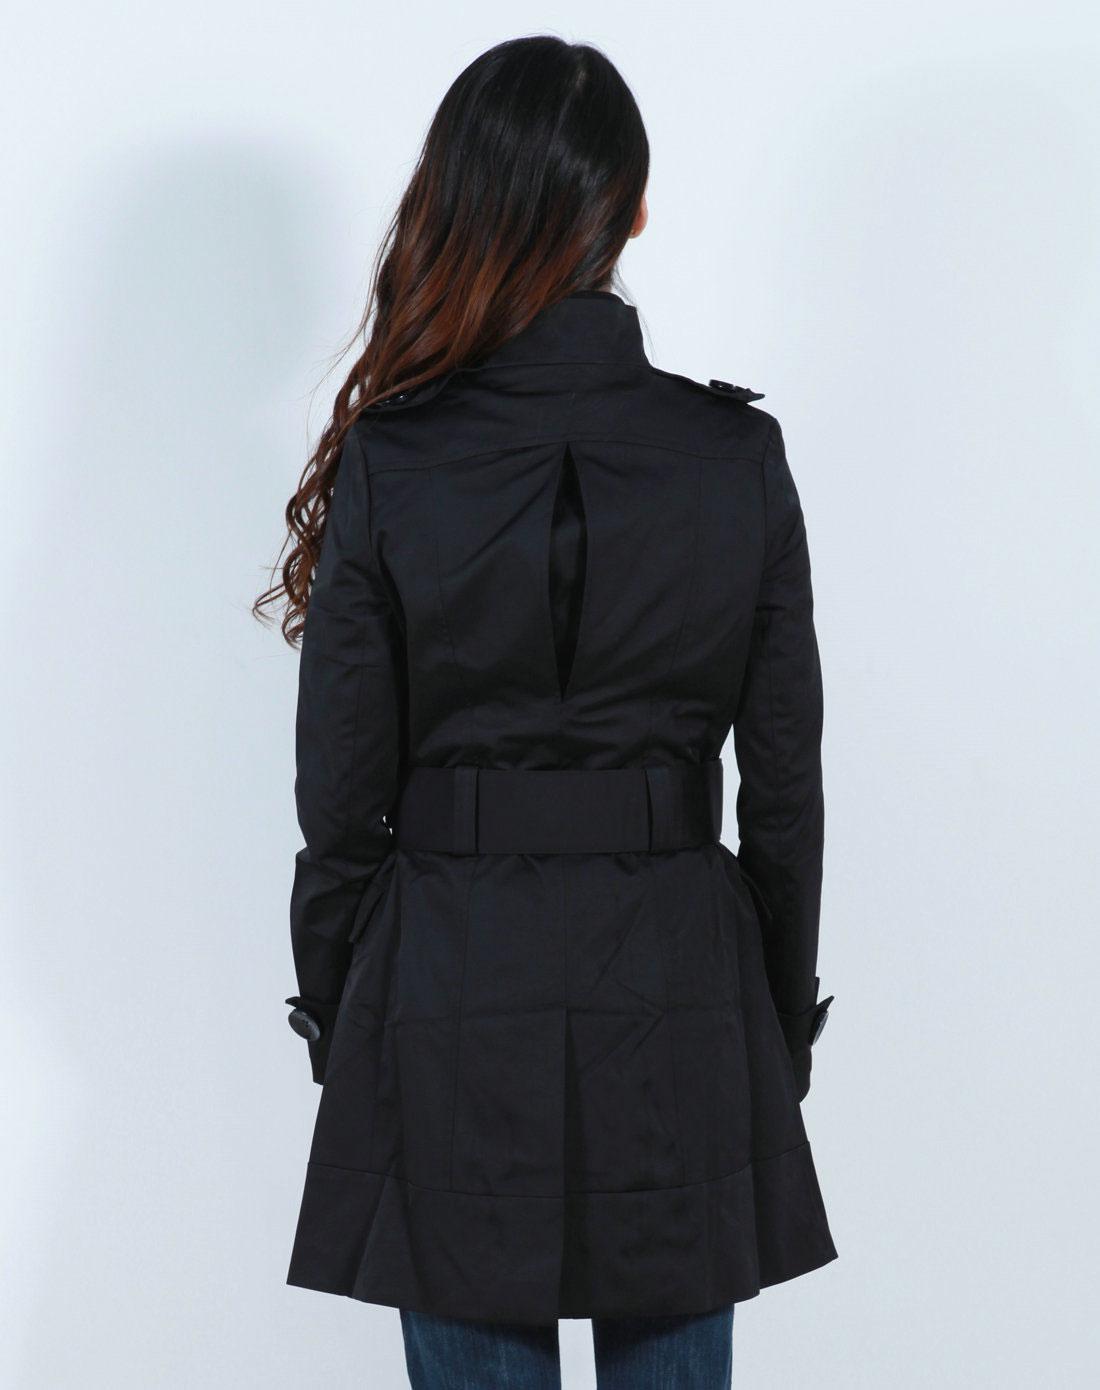 风衣女装_女装黑色风衣